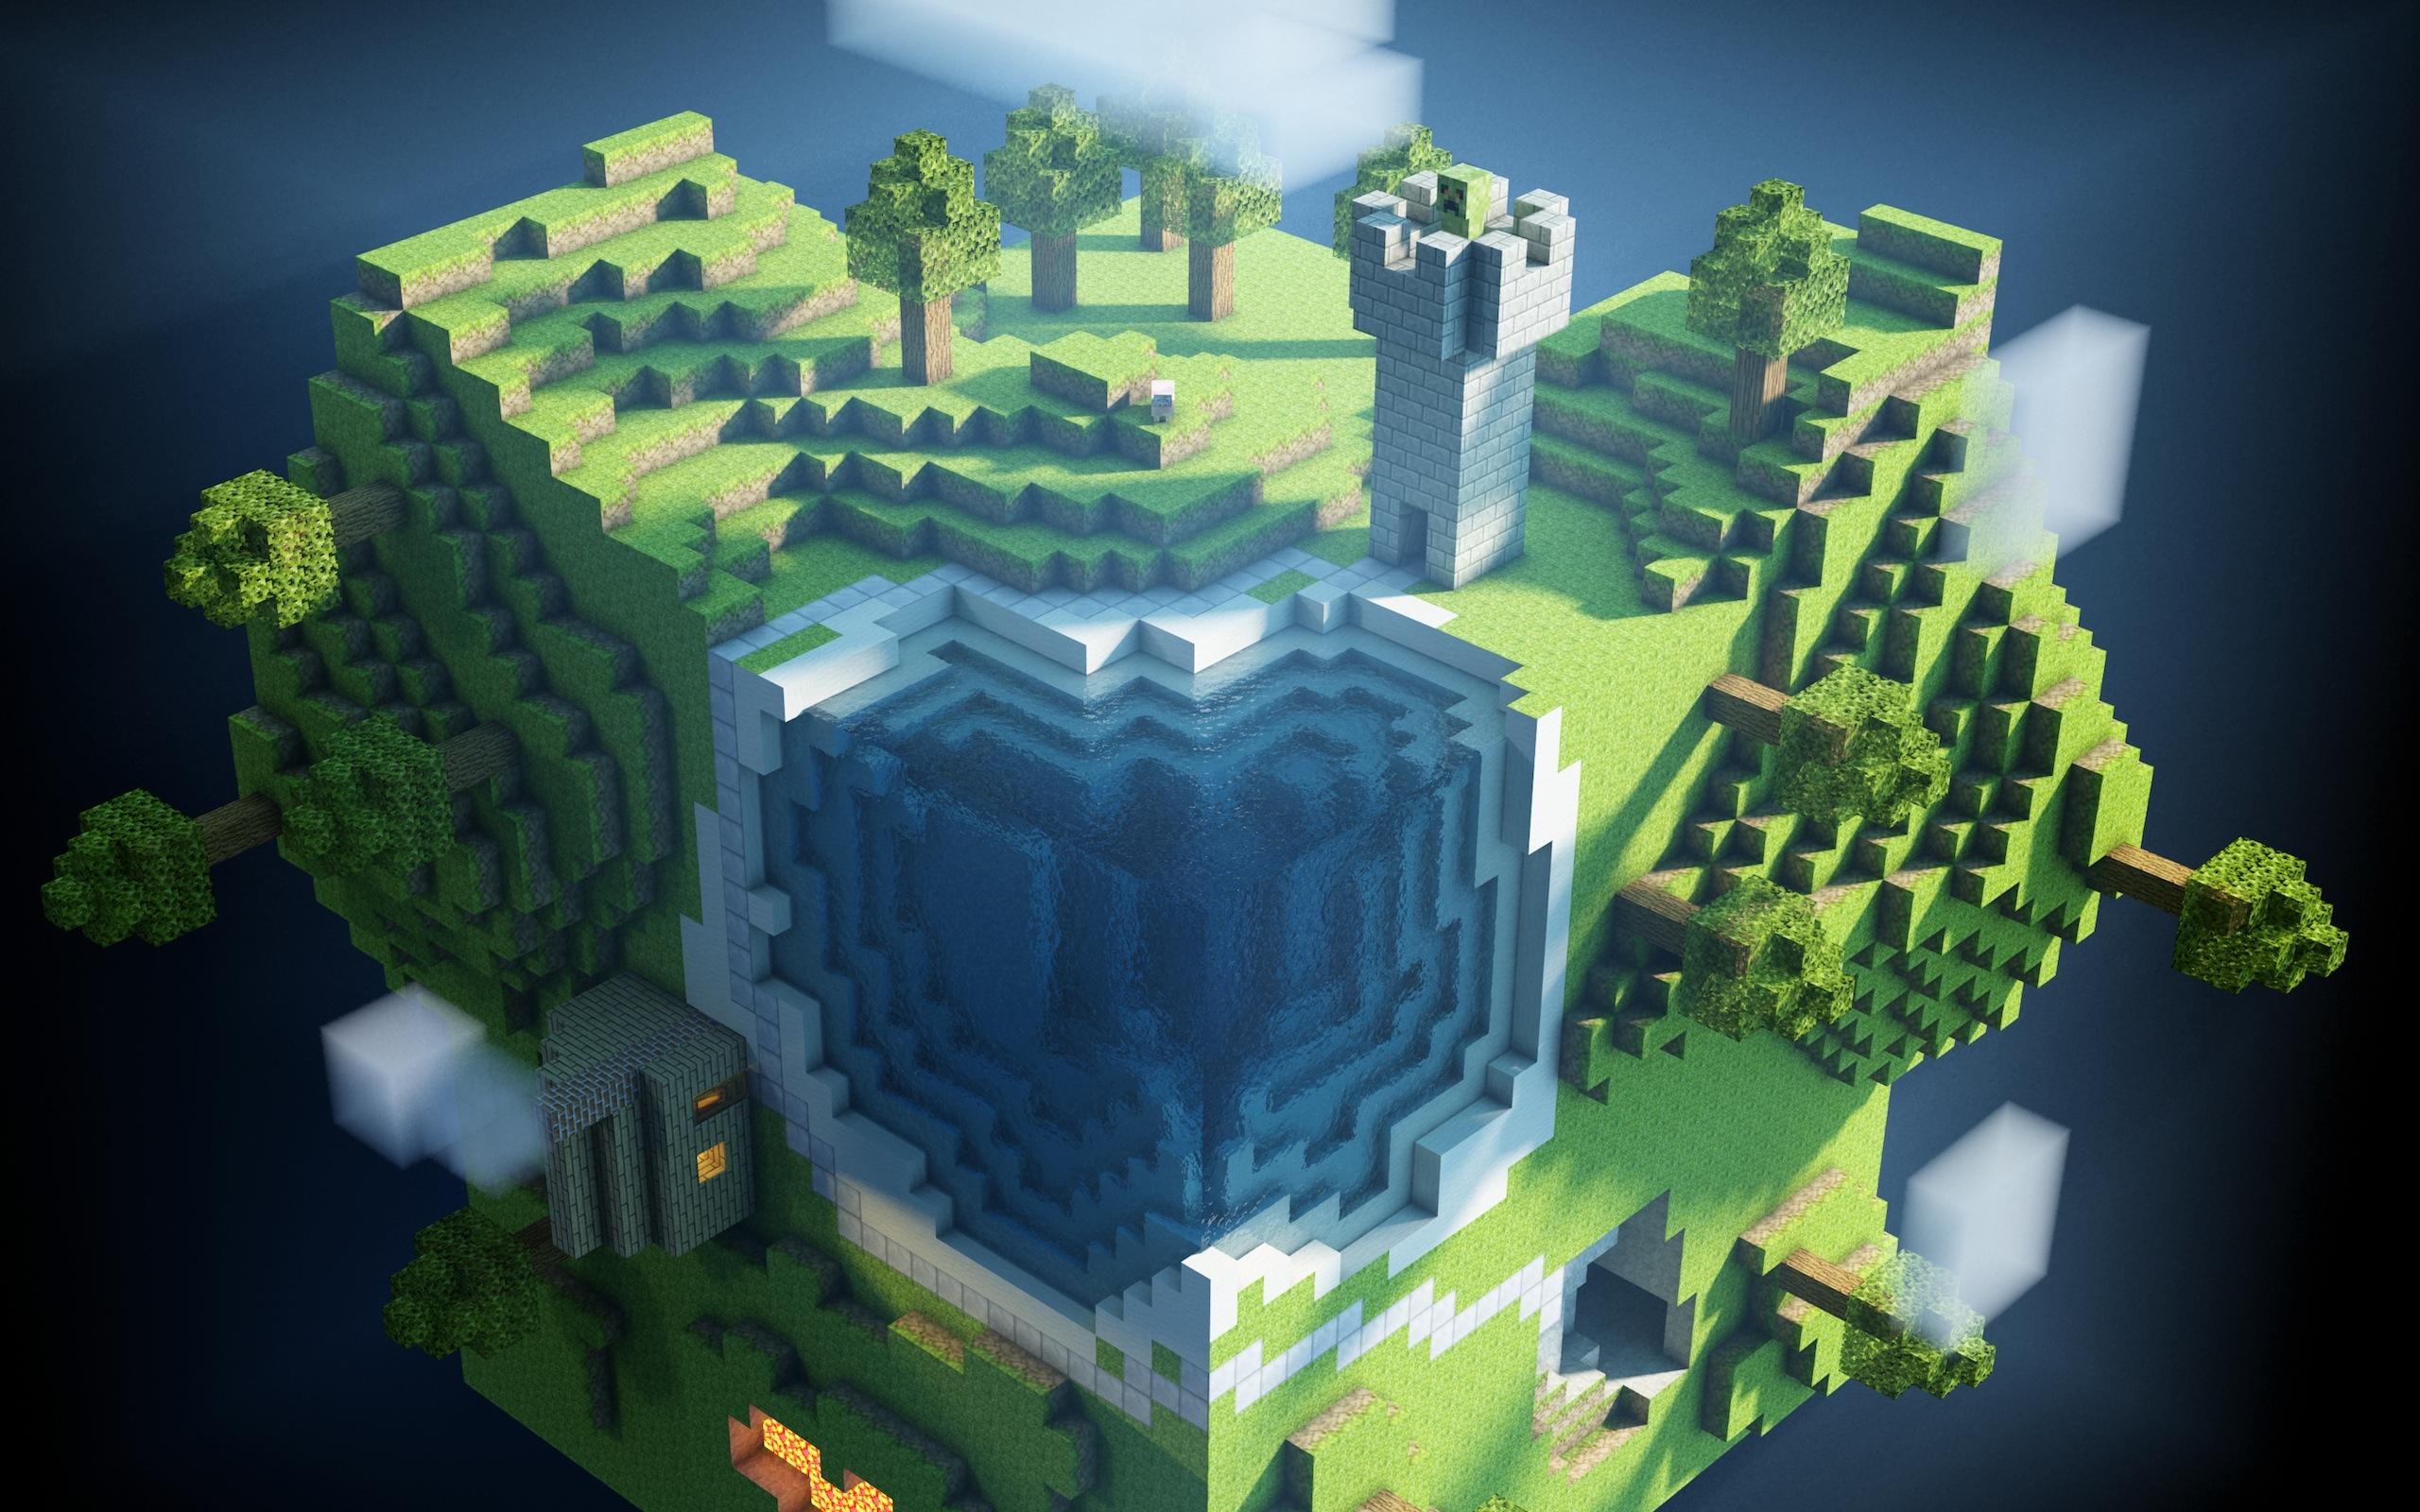 Free Download Minecraft Fond Dcran Hd Wallpaper Hq